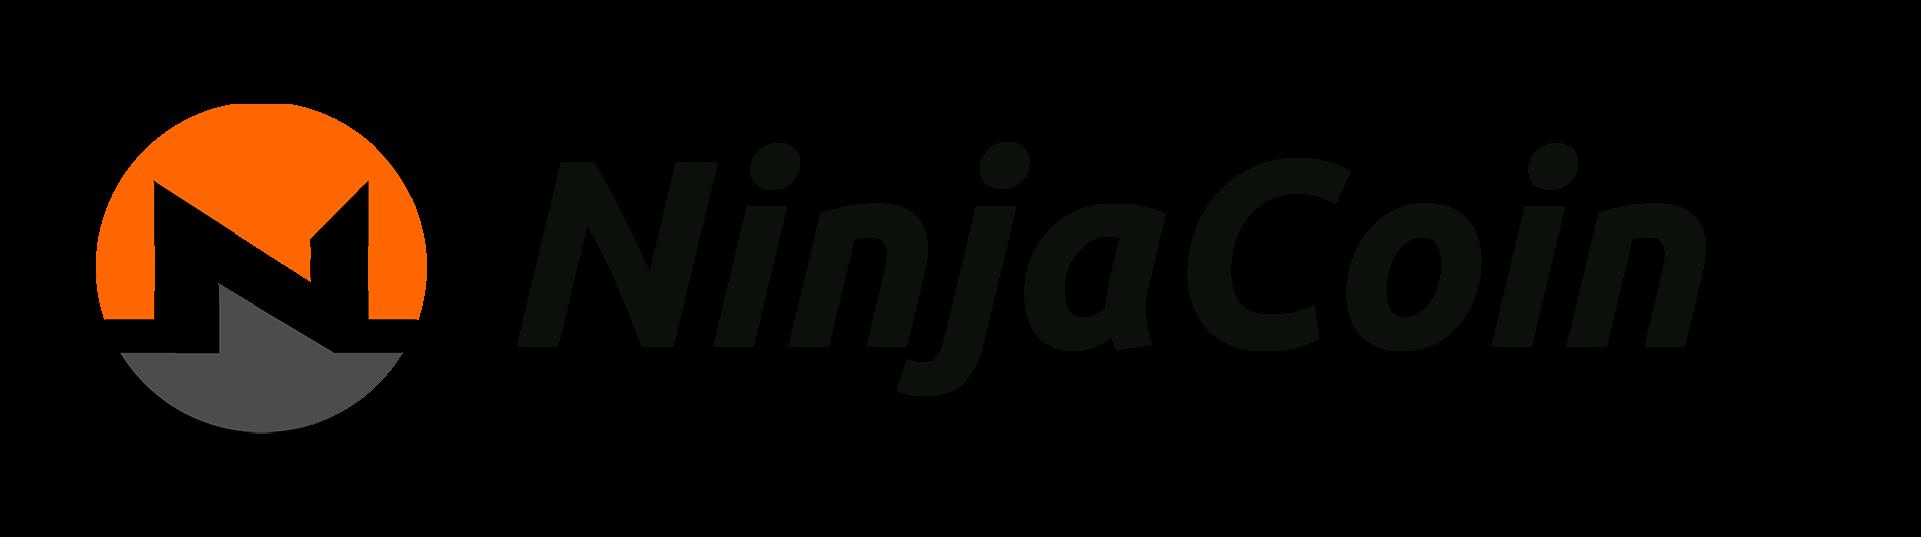 assets_img_logo